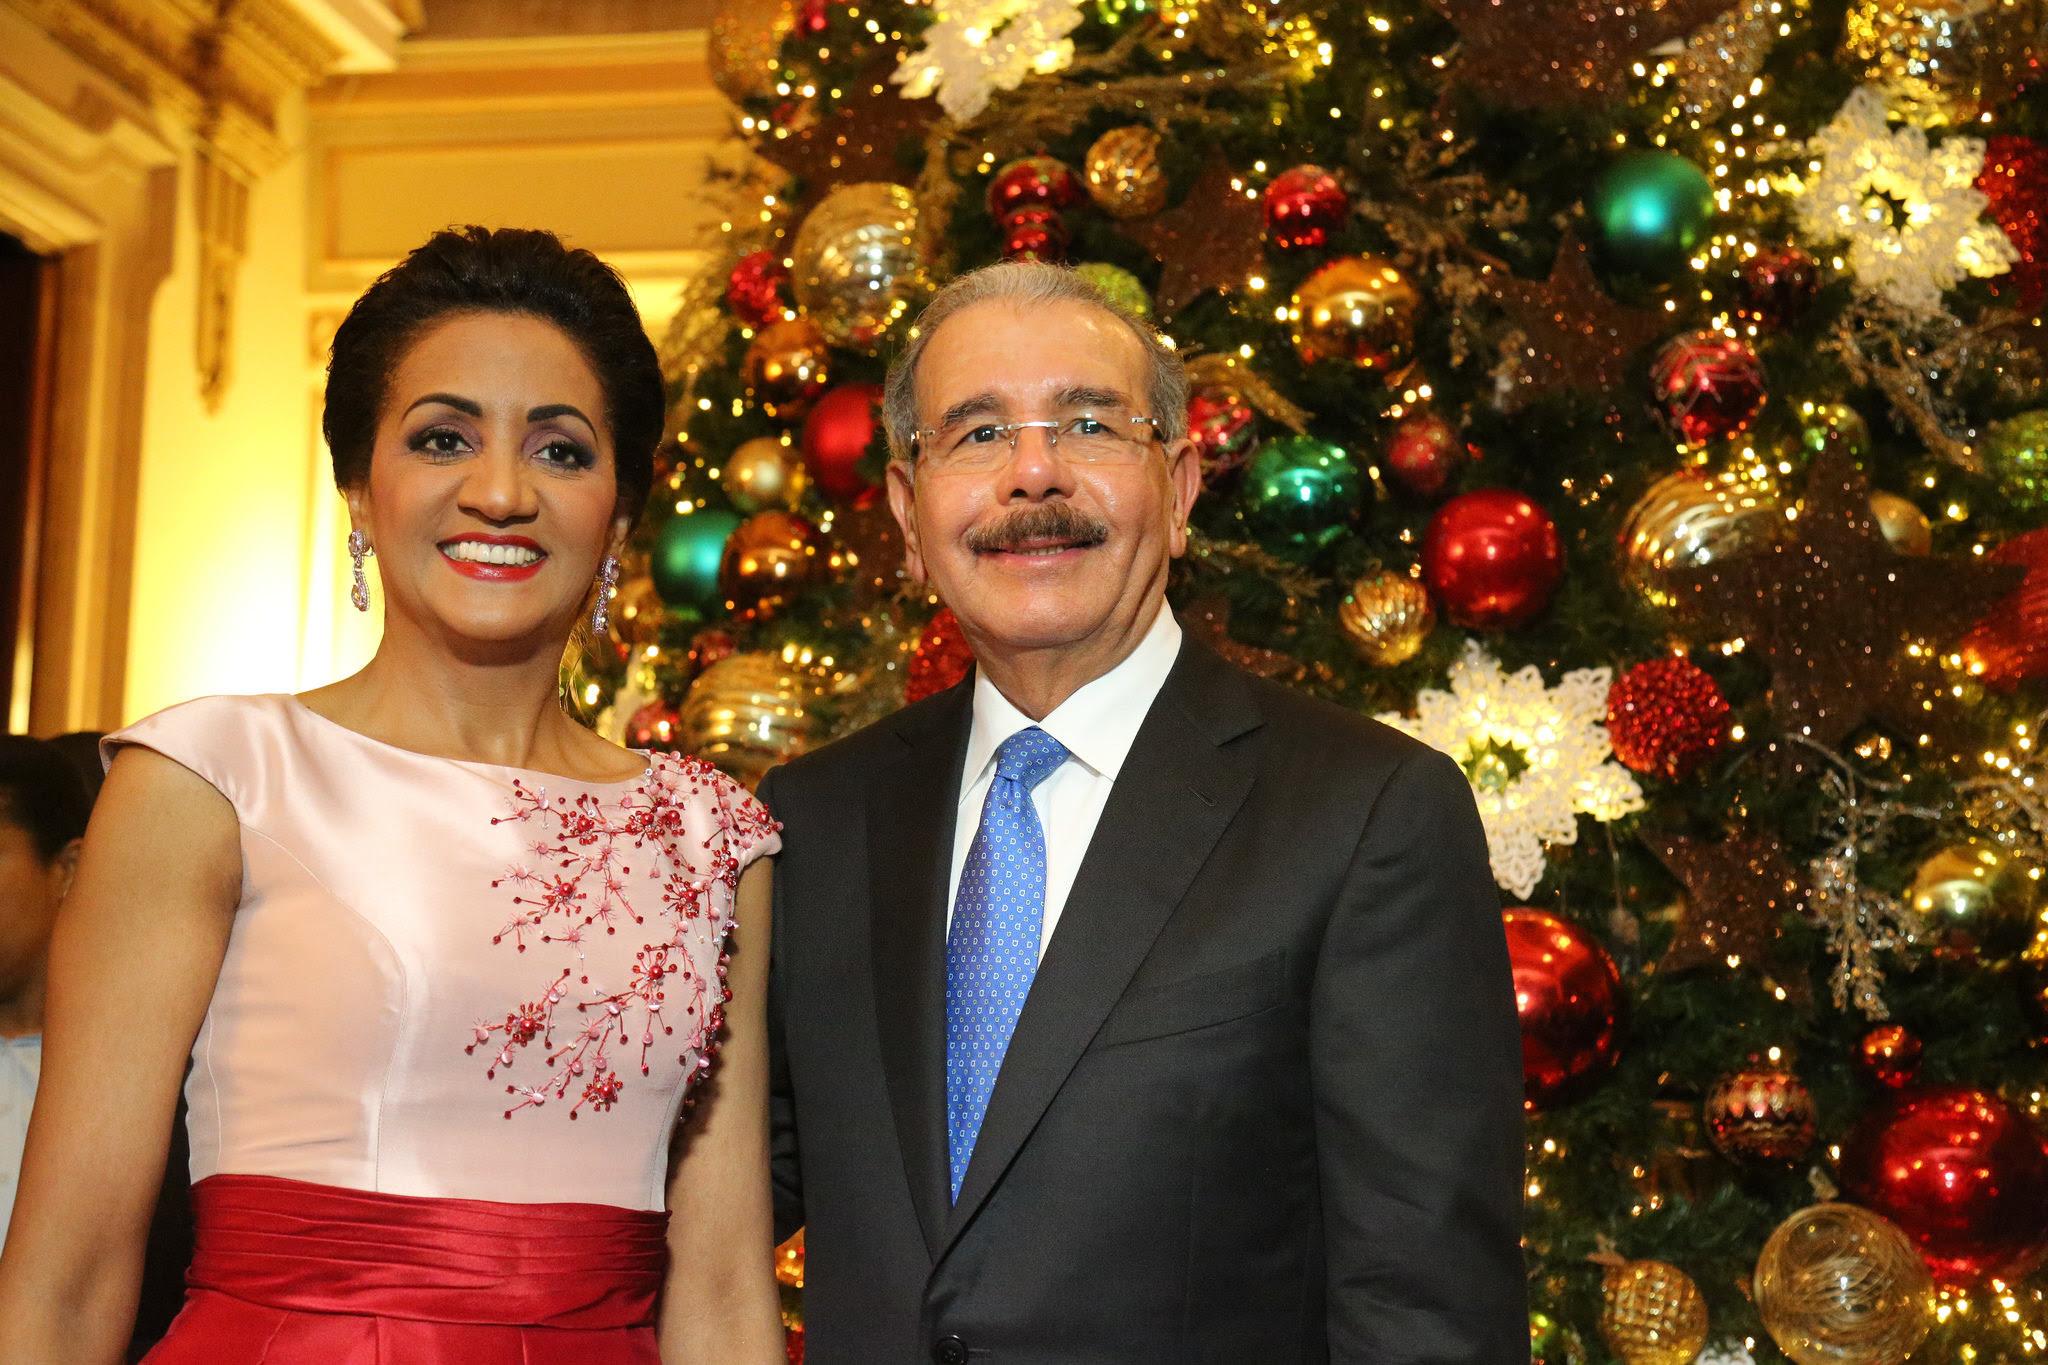 Presidente Danilo Medina y primera dama, Cándida Montilla de Medina, encienden árbol de Navidad en Palacio Nacional